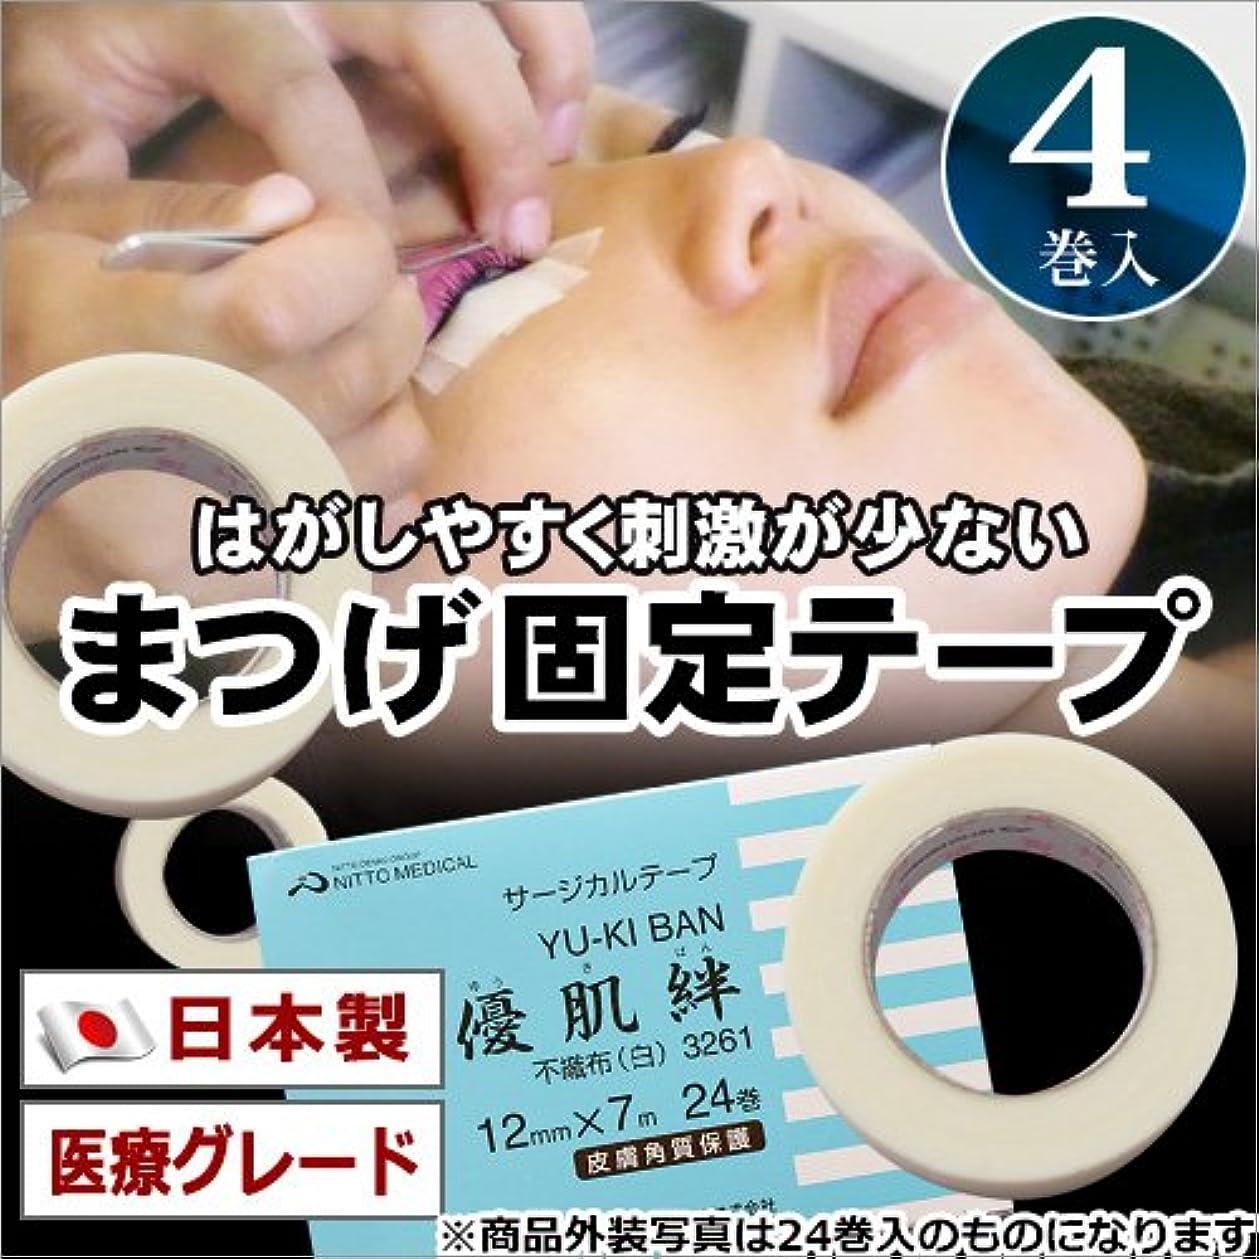 狼クラシカル元の日本製 医療グレード アイラッシュテープ(まつげ固定テープ)4巻